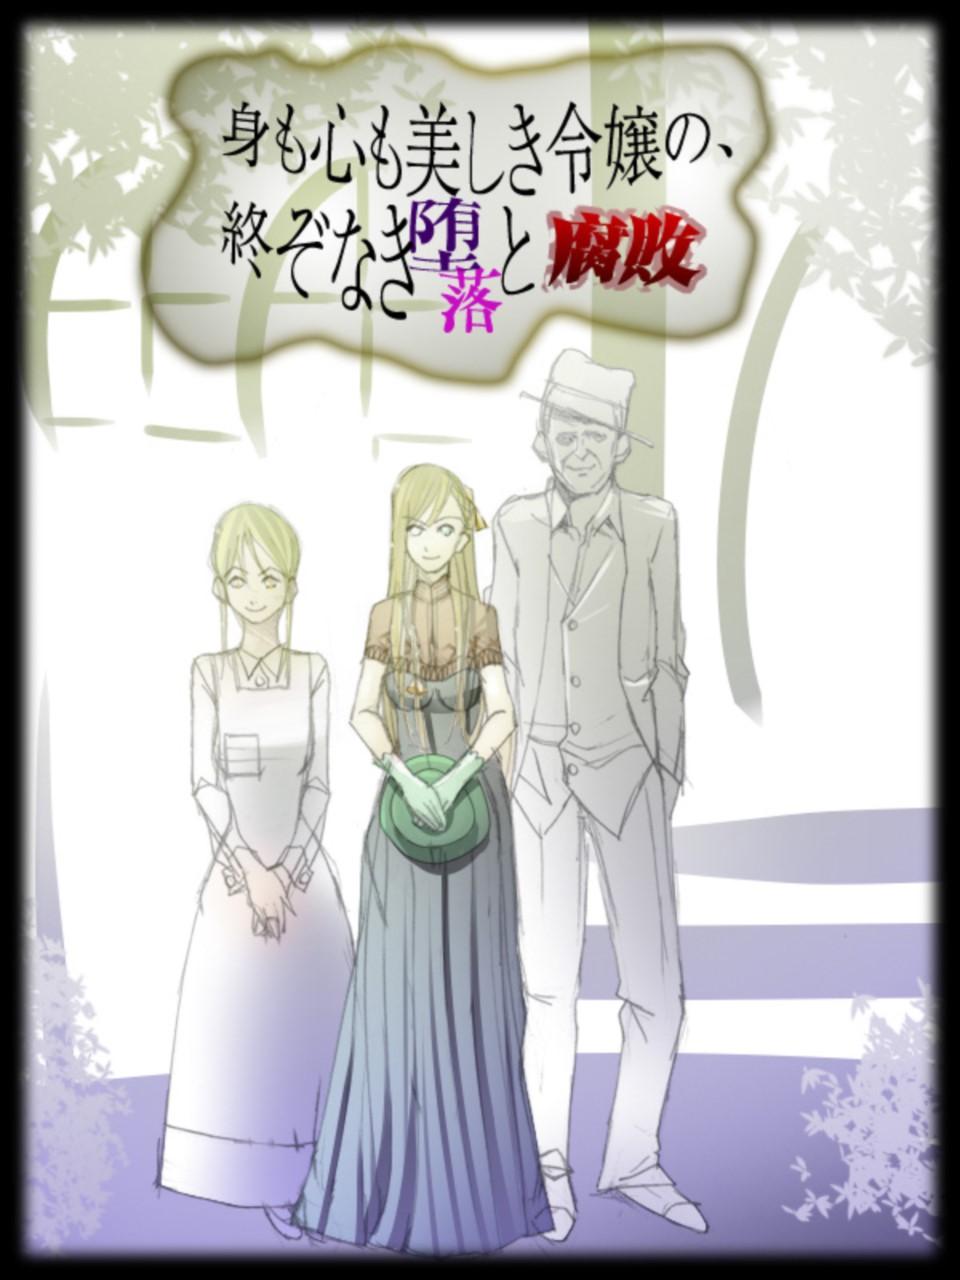 【哲学エロ同人誌】綺麗なアブ速サドンデス。とってもかわいい百合漫画をどうぞ♥